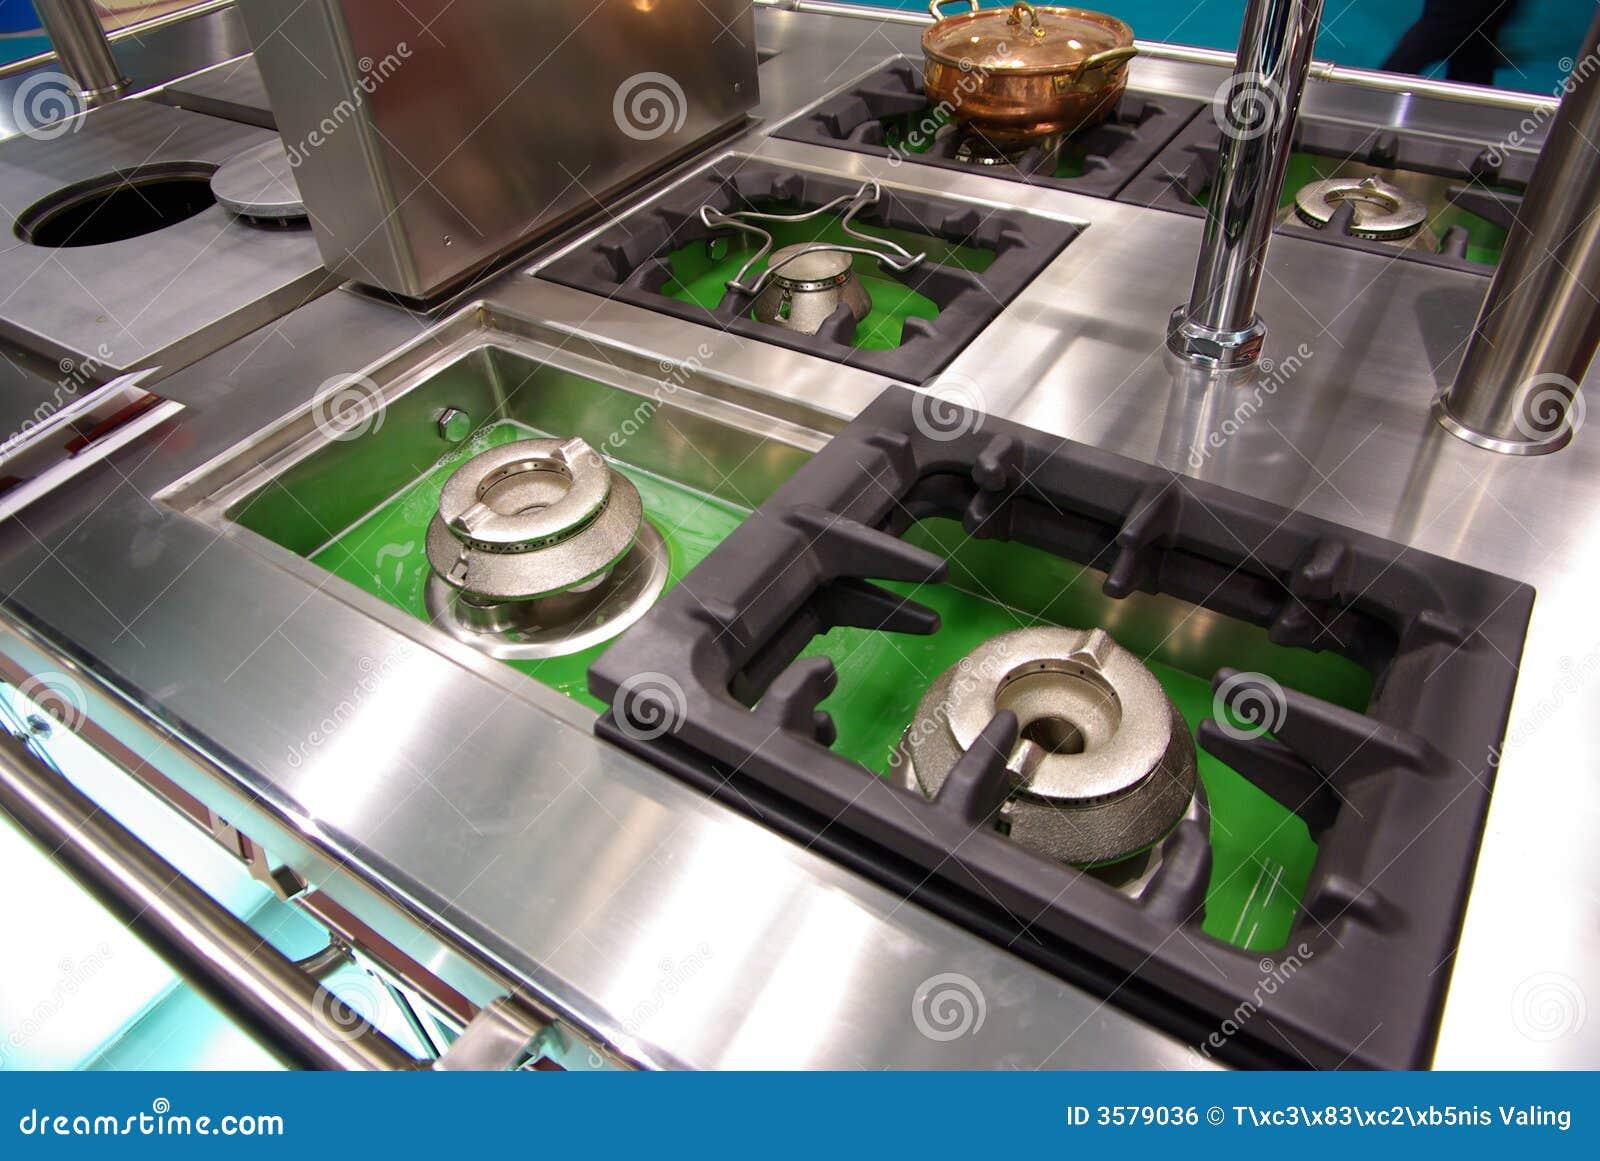 Cooktops厨房